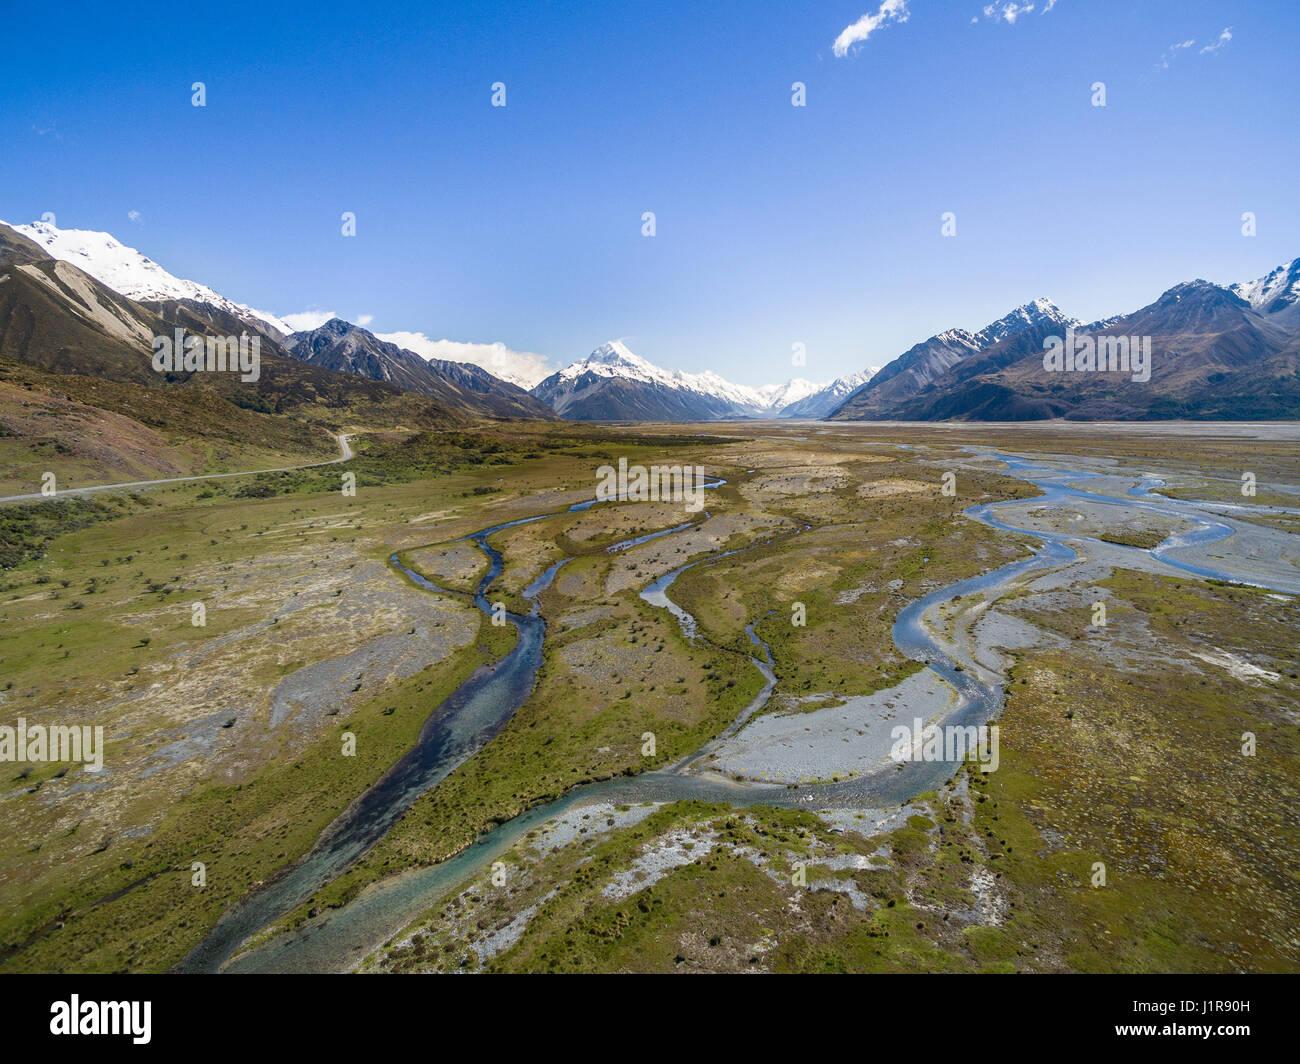 Ampio alveo del Fiume Tasman, sul retro Mount Cook, regione di Canterbury, Southland, Nuova Zelanda Immagini Stock